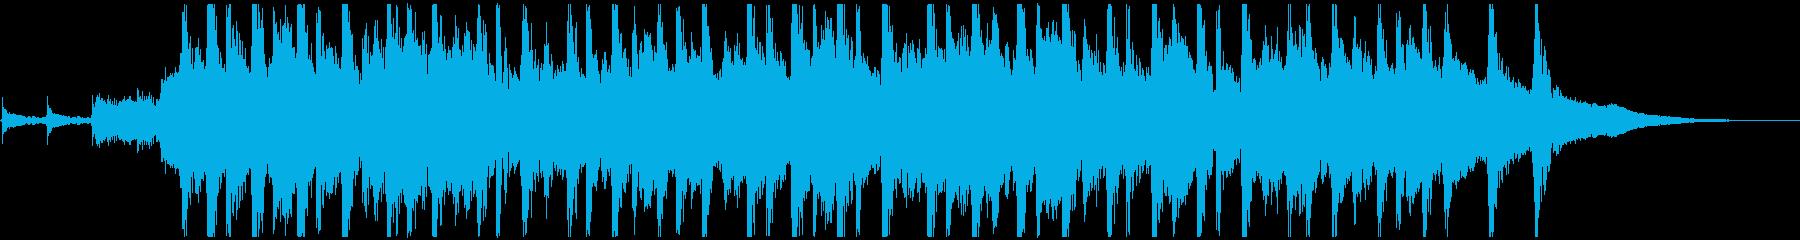 ピッチカート 可愛いマリンバ ジングルBの再生済みの波形